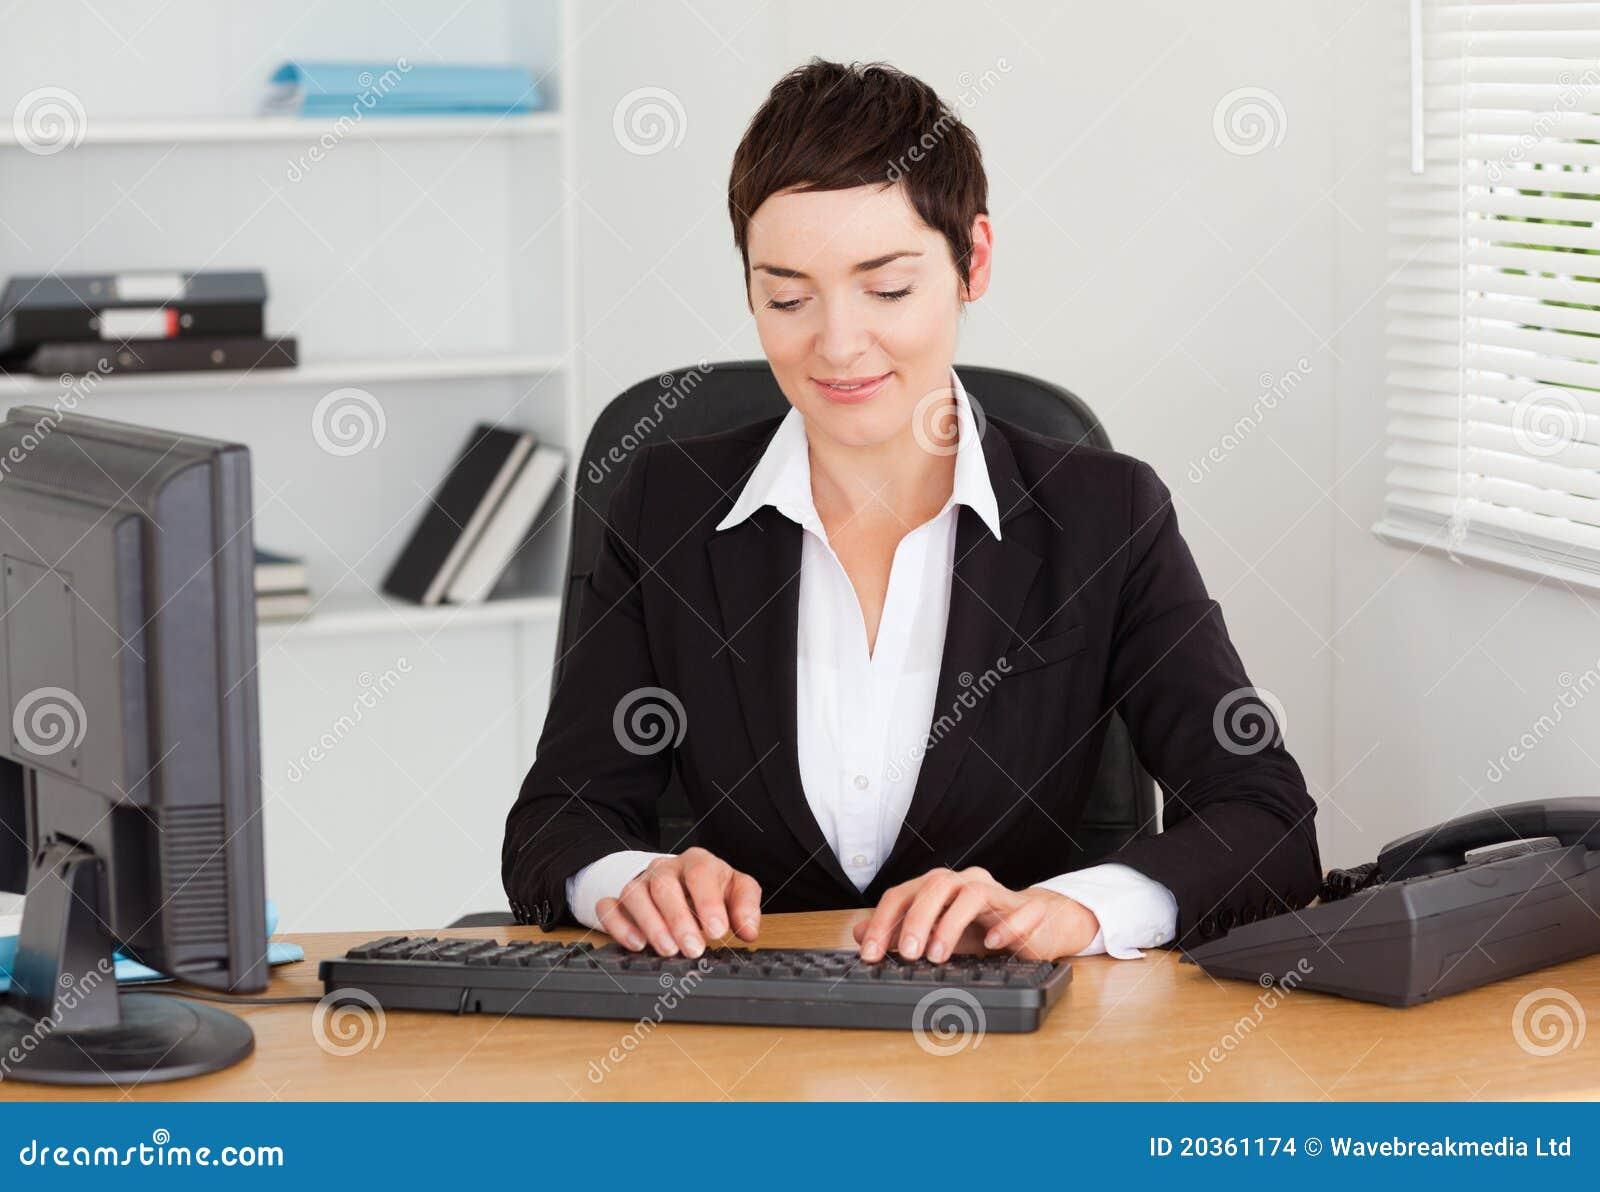 secretary typing on her keybord stock images image 20361174